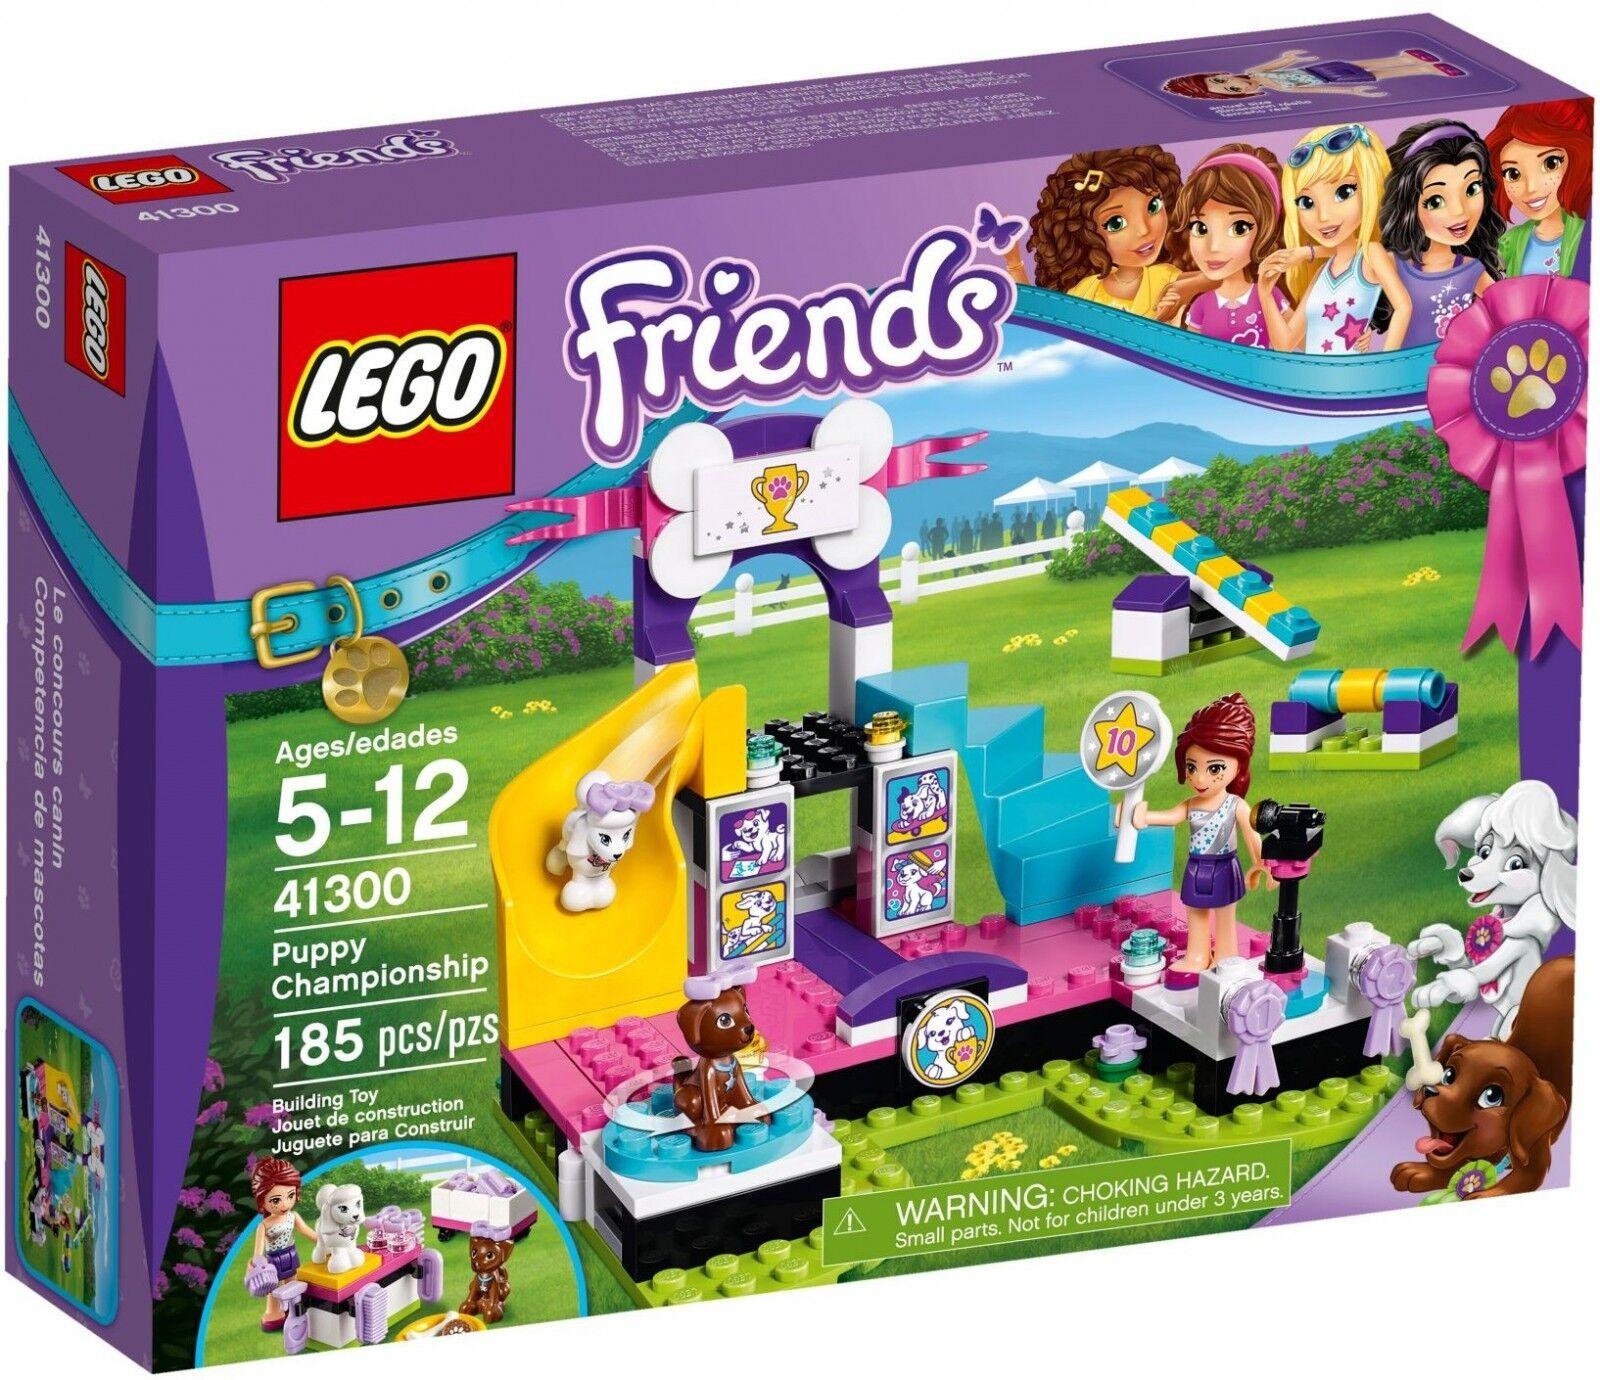 LEGO® Friends 41300 Welpen-Meisterschaft NEU OVP_ Puppy Championship Championship Championship NEW MISB 613d48